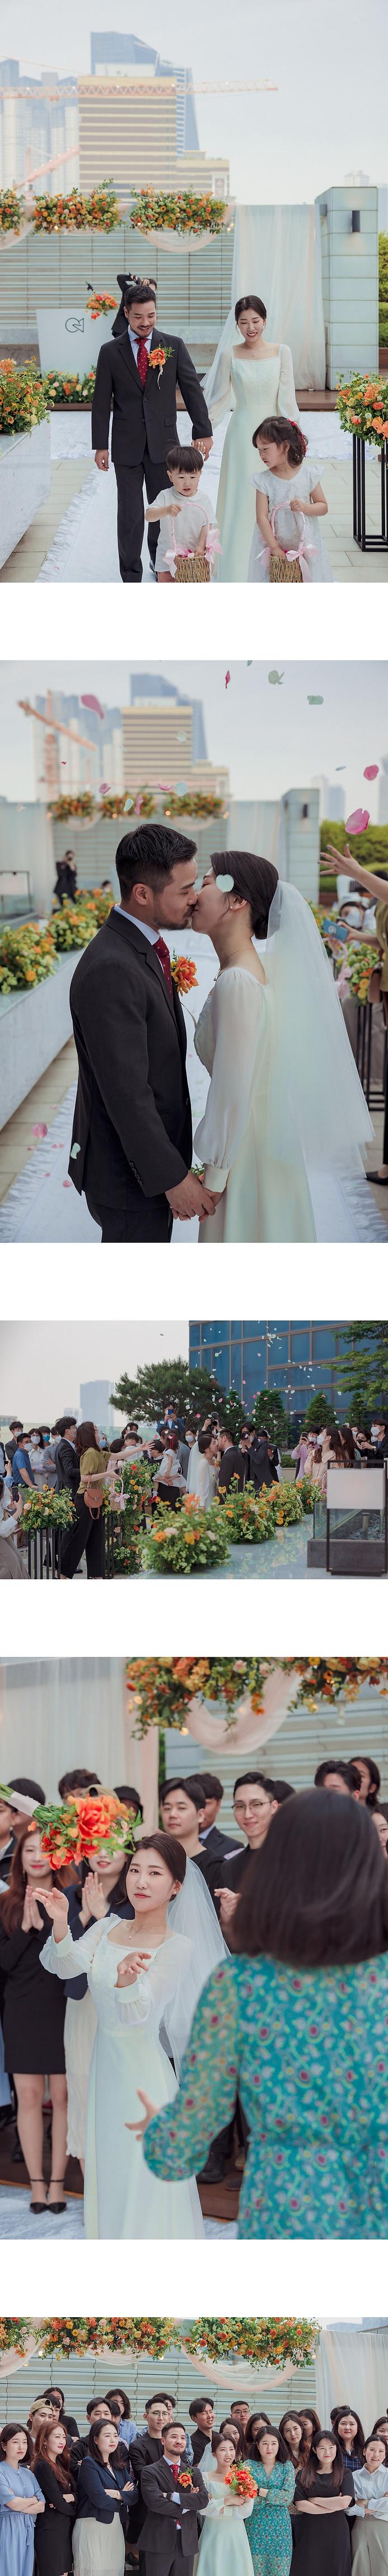 야외결혼식 본식01 (4)-vert.jpg